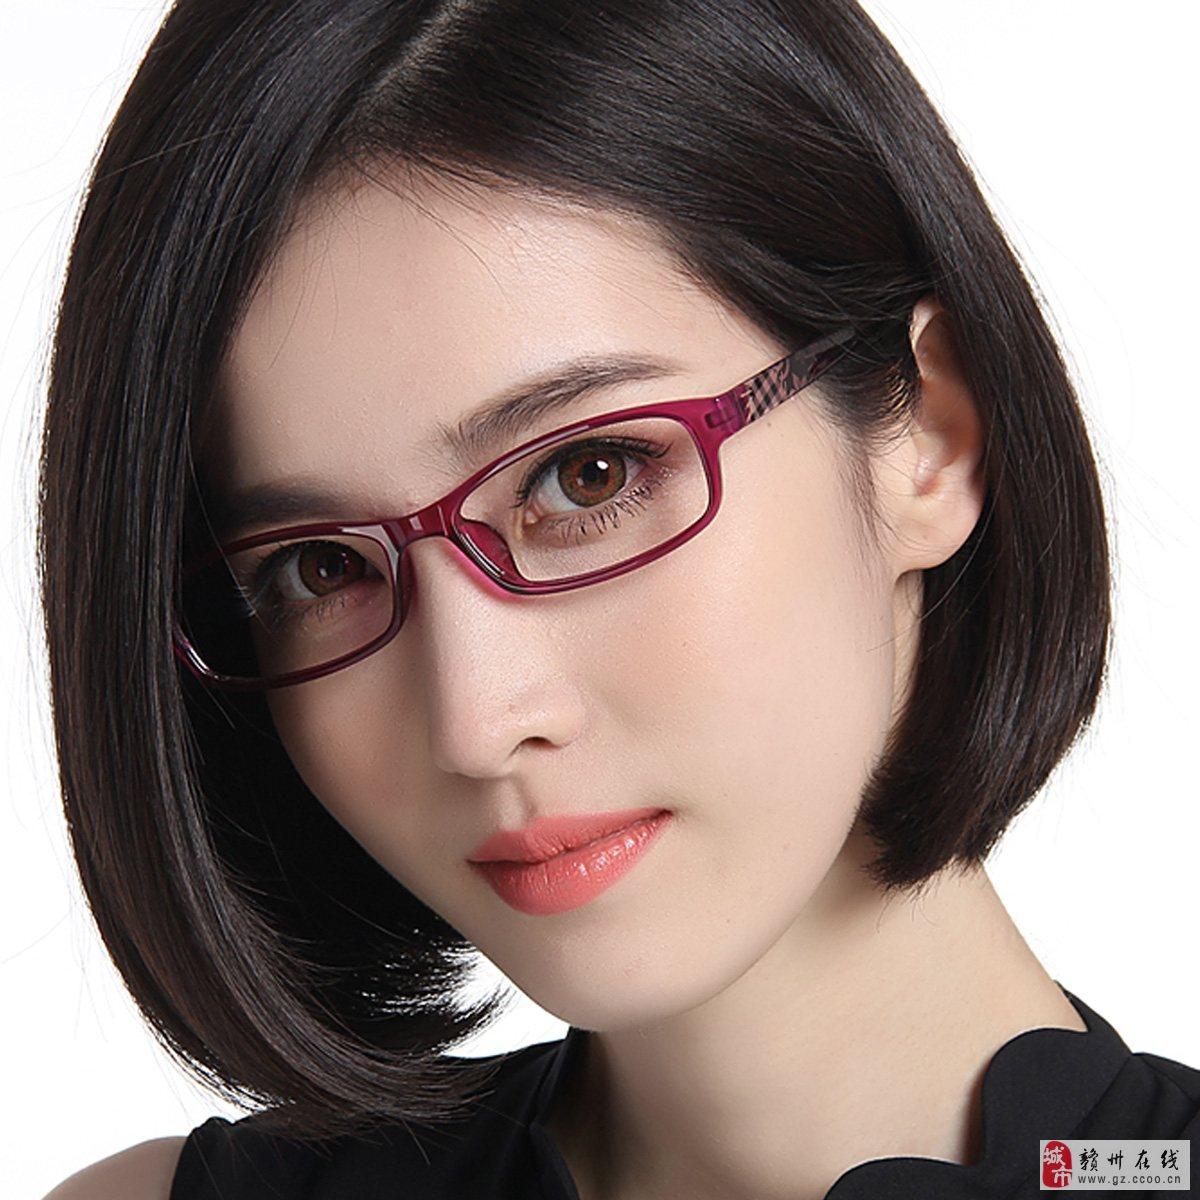 素描头像眼镜4分之3